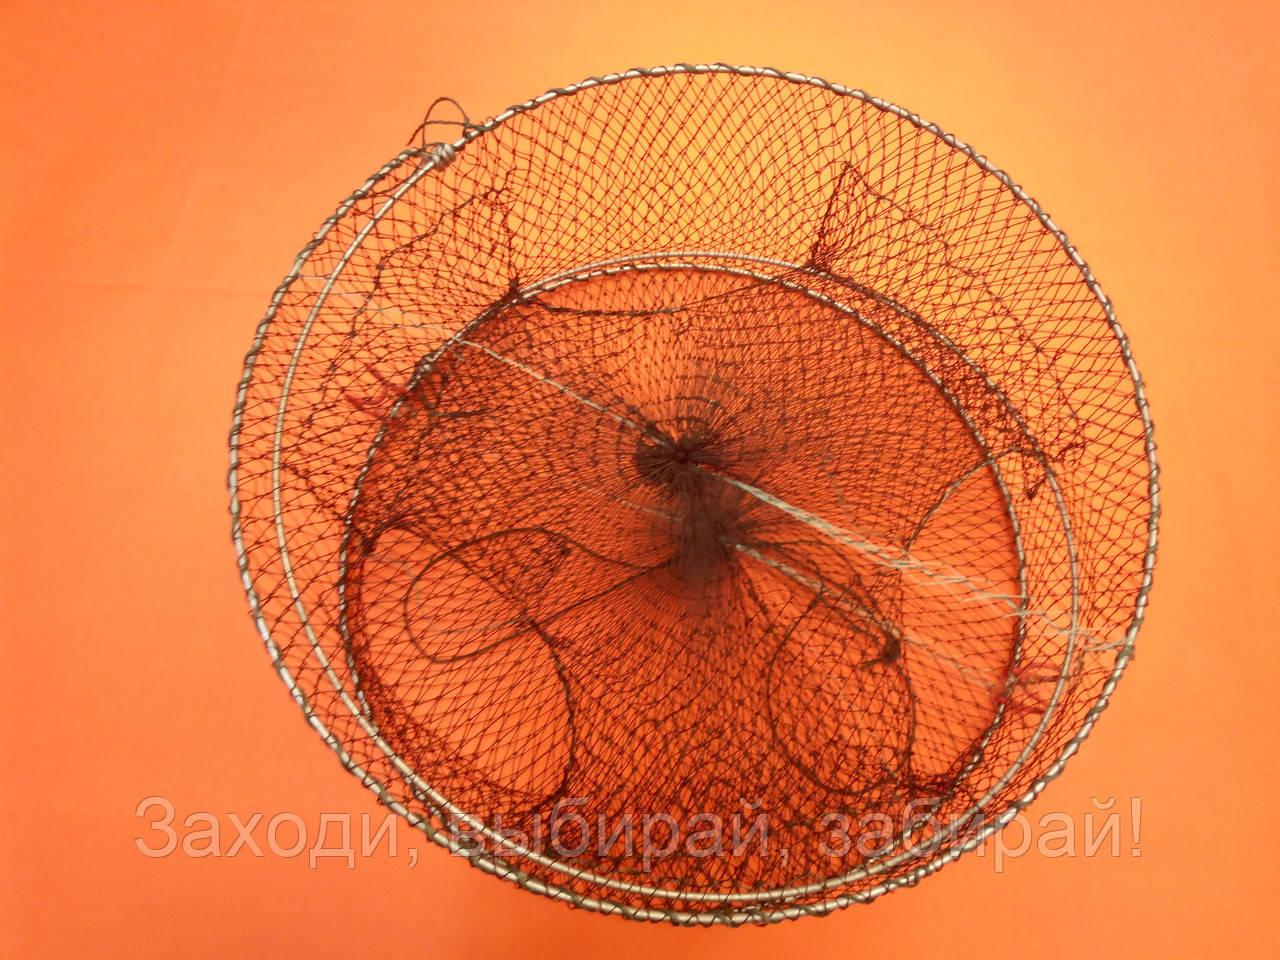 кубарь рыболовный фото